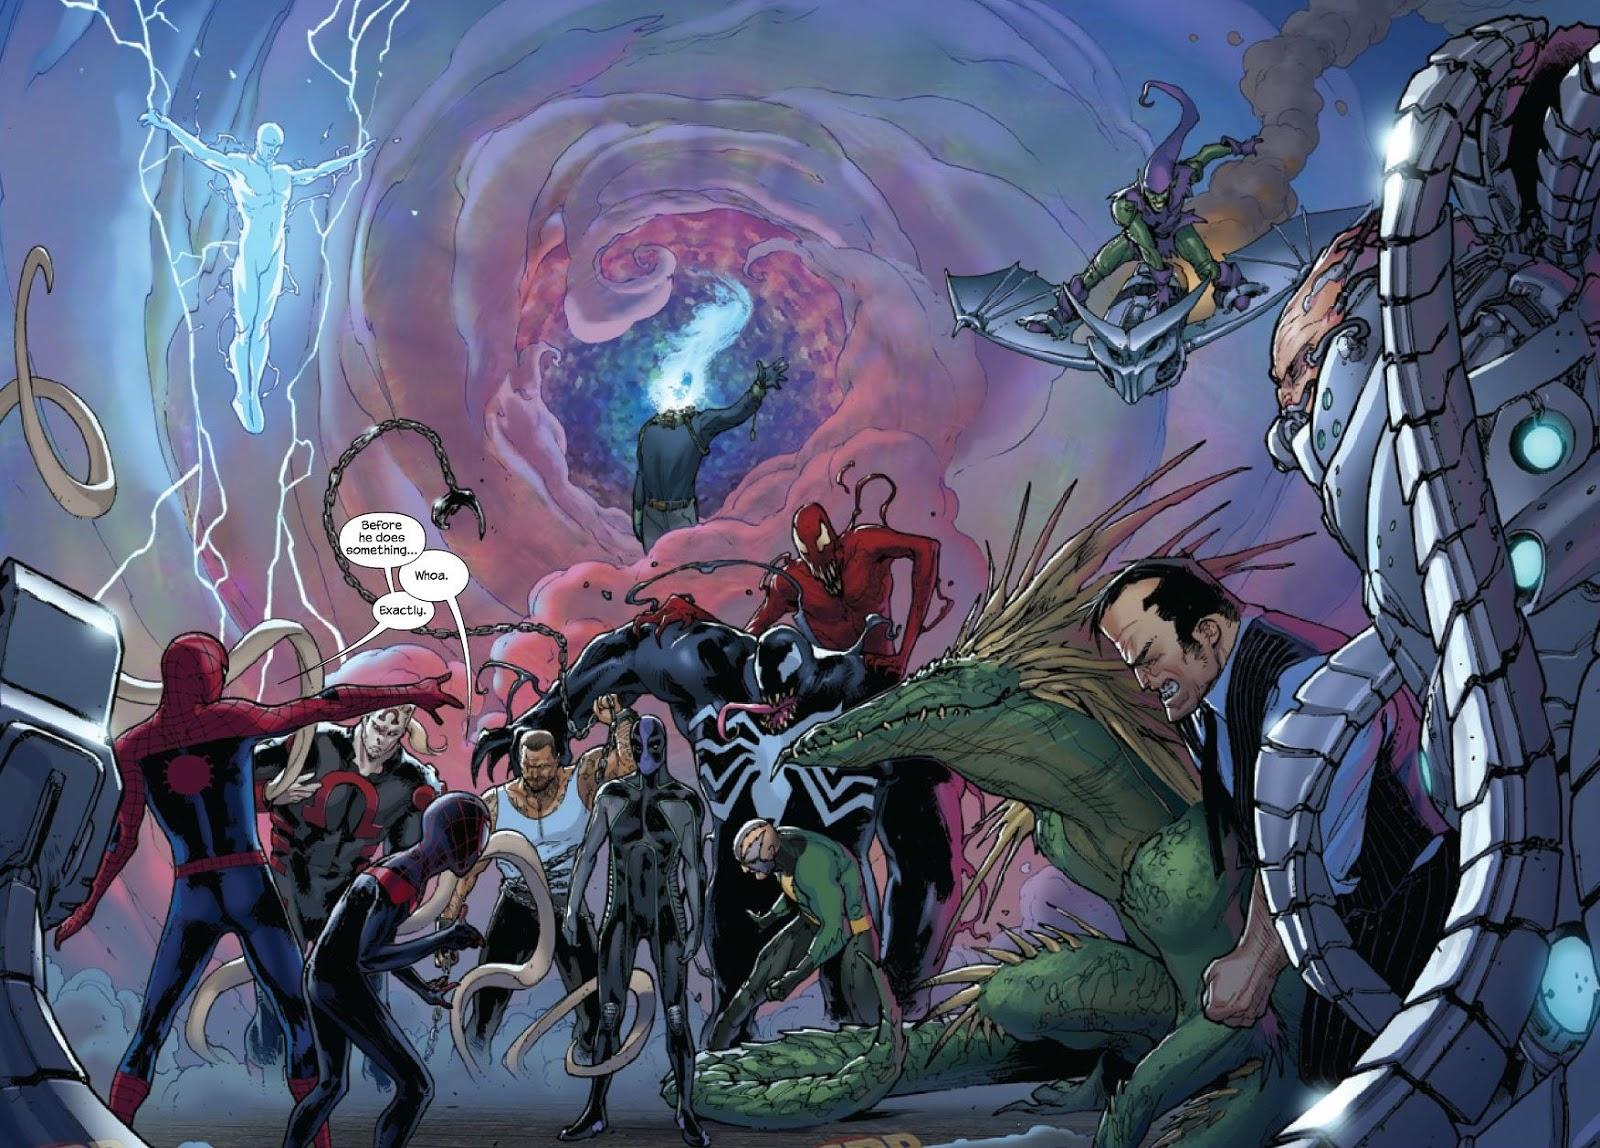 La Cueva del Extrao Reseas comiqueras Spidermen 3